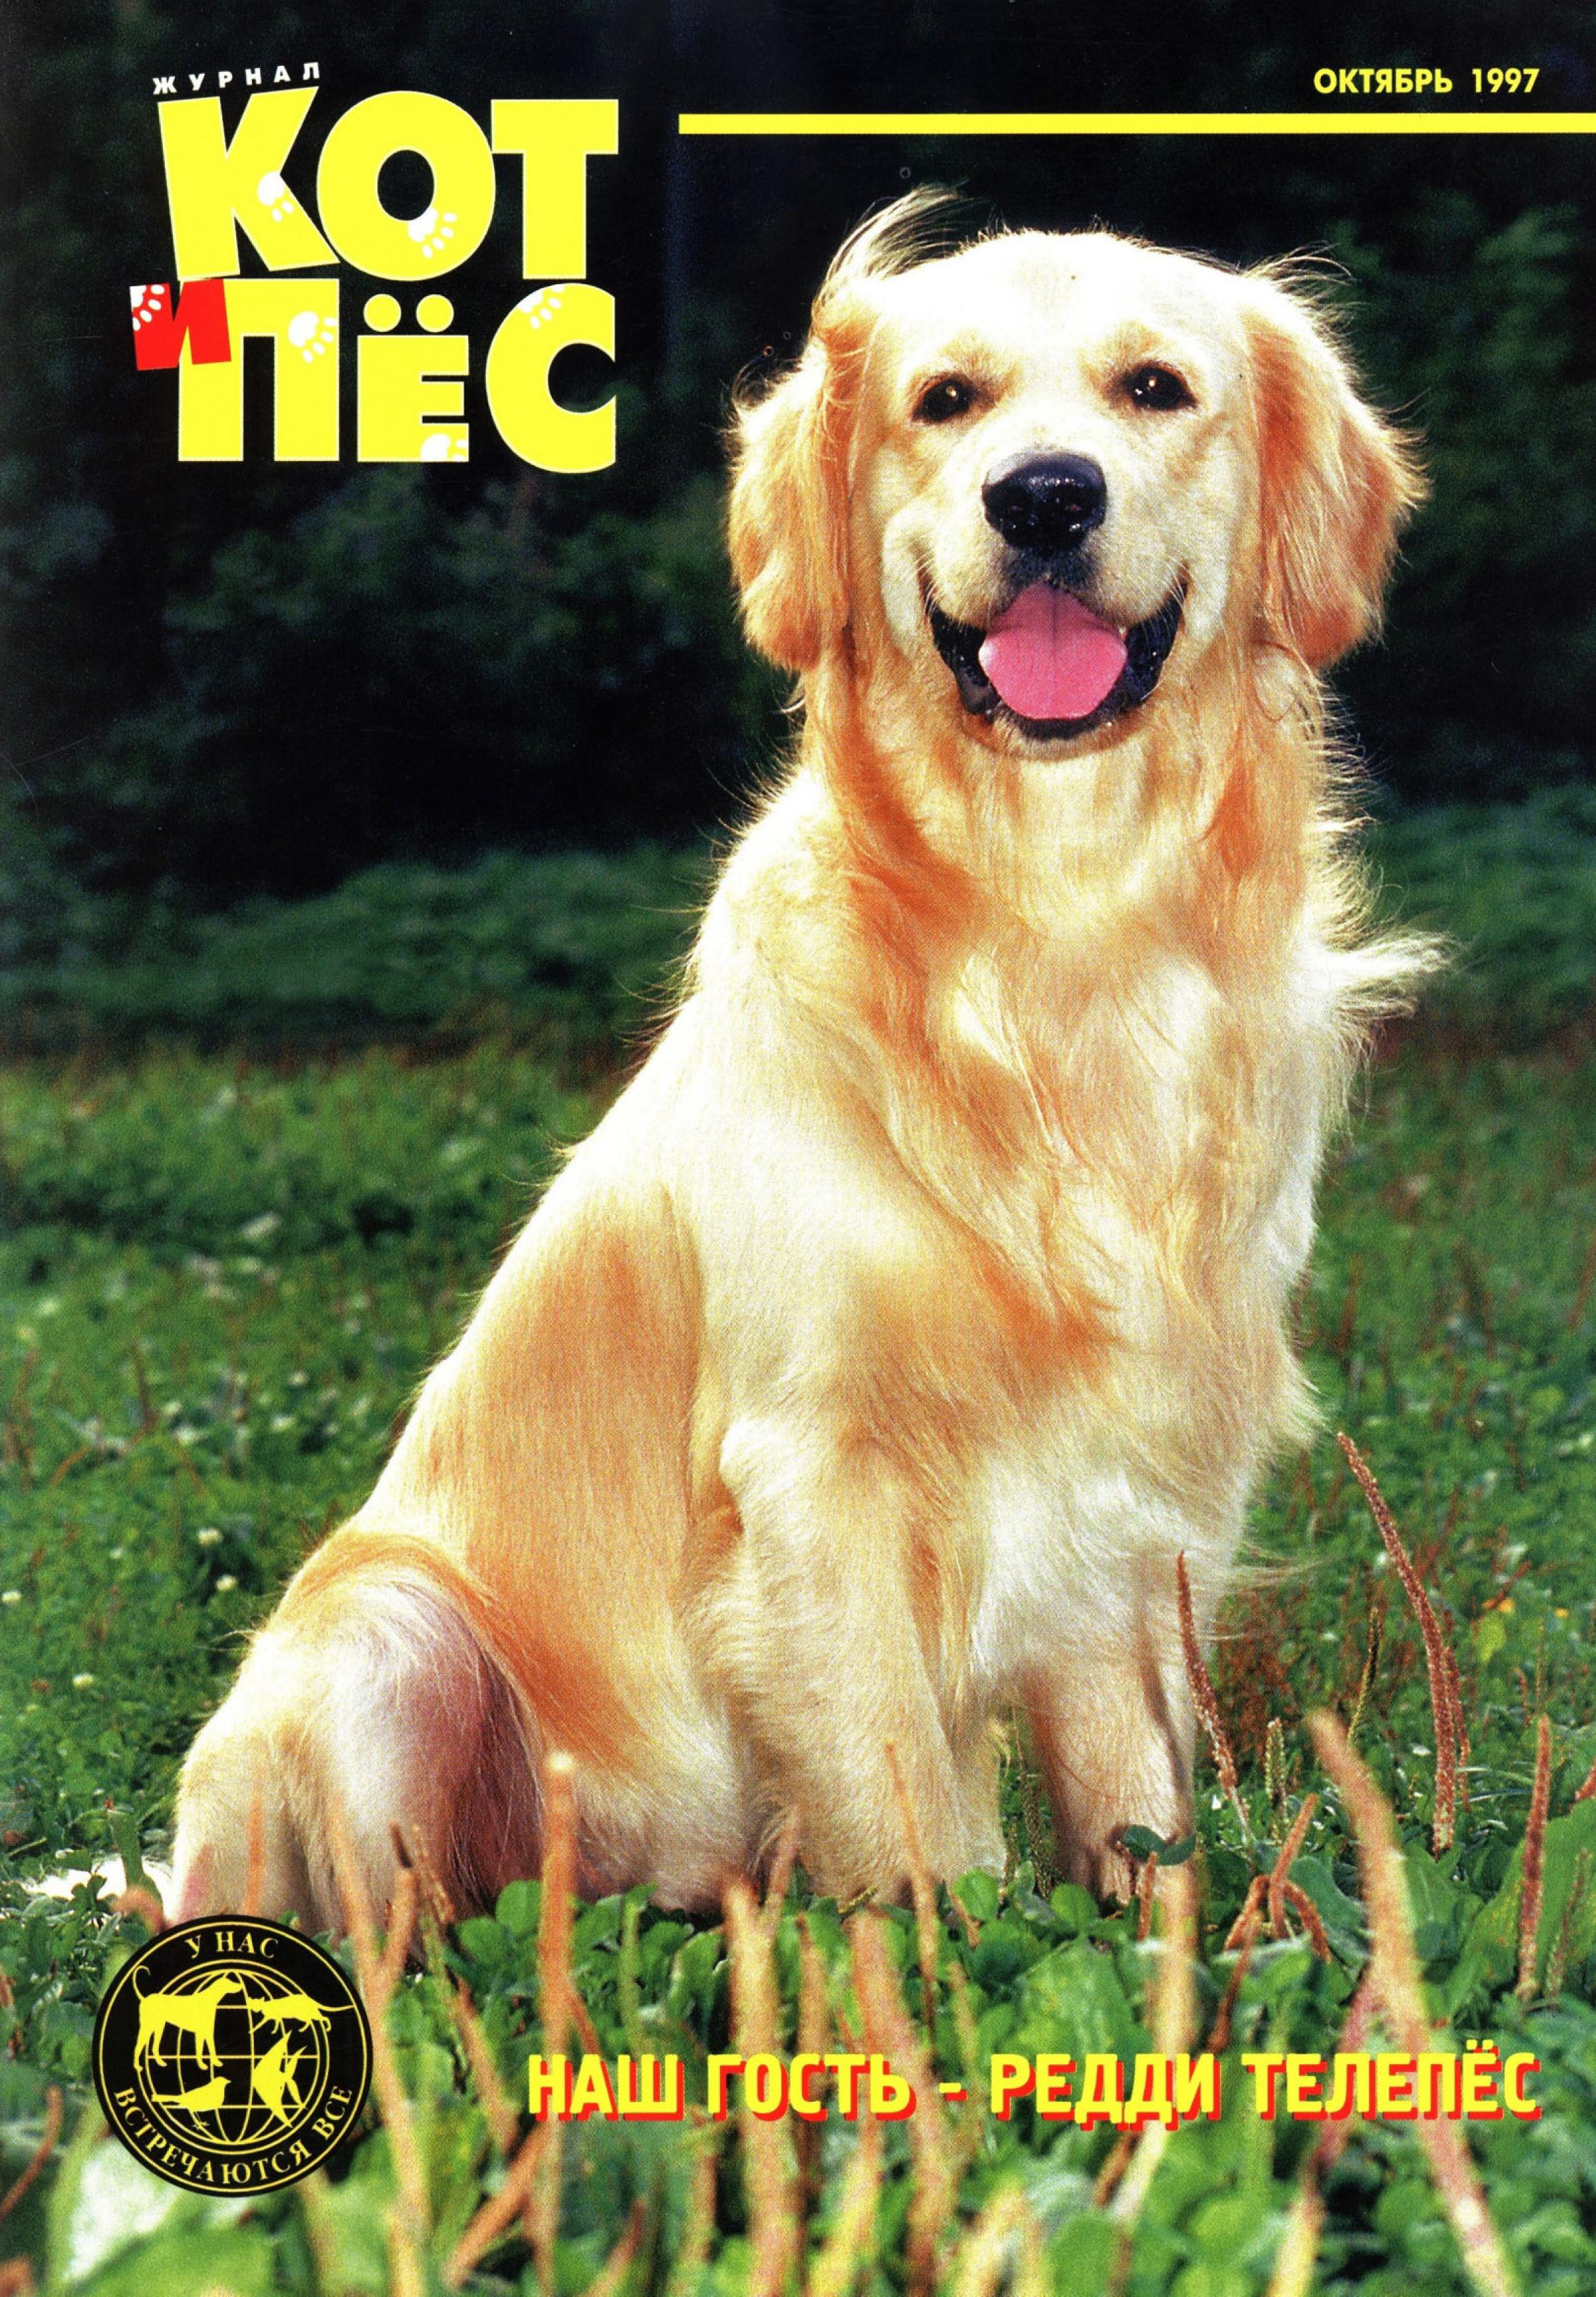 Отсутствует Кот и Пёс №10/1997